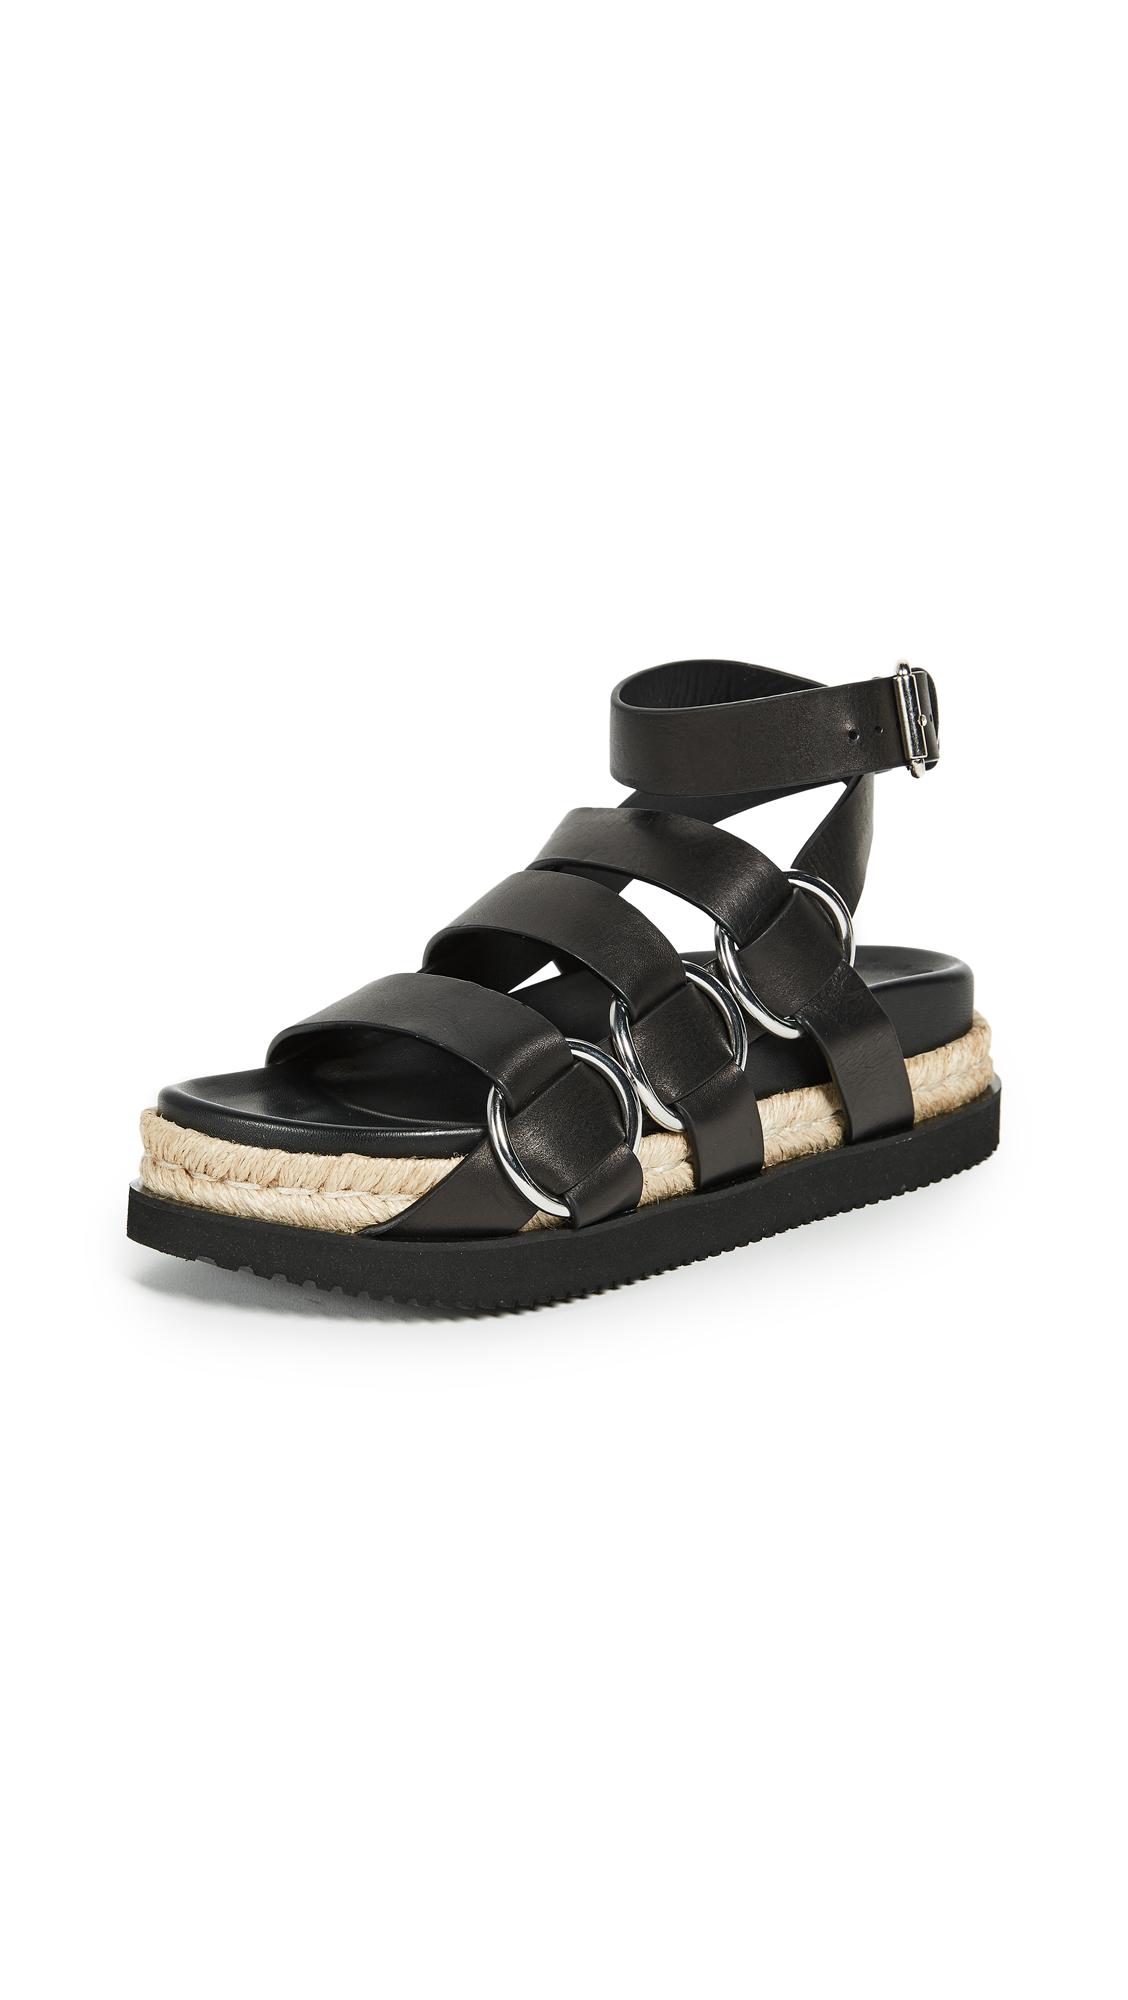 Alexander Wang Bess Platform Sandals - Black